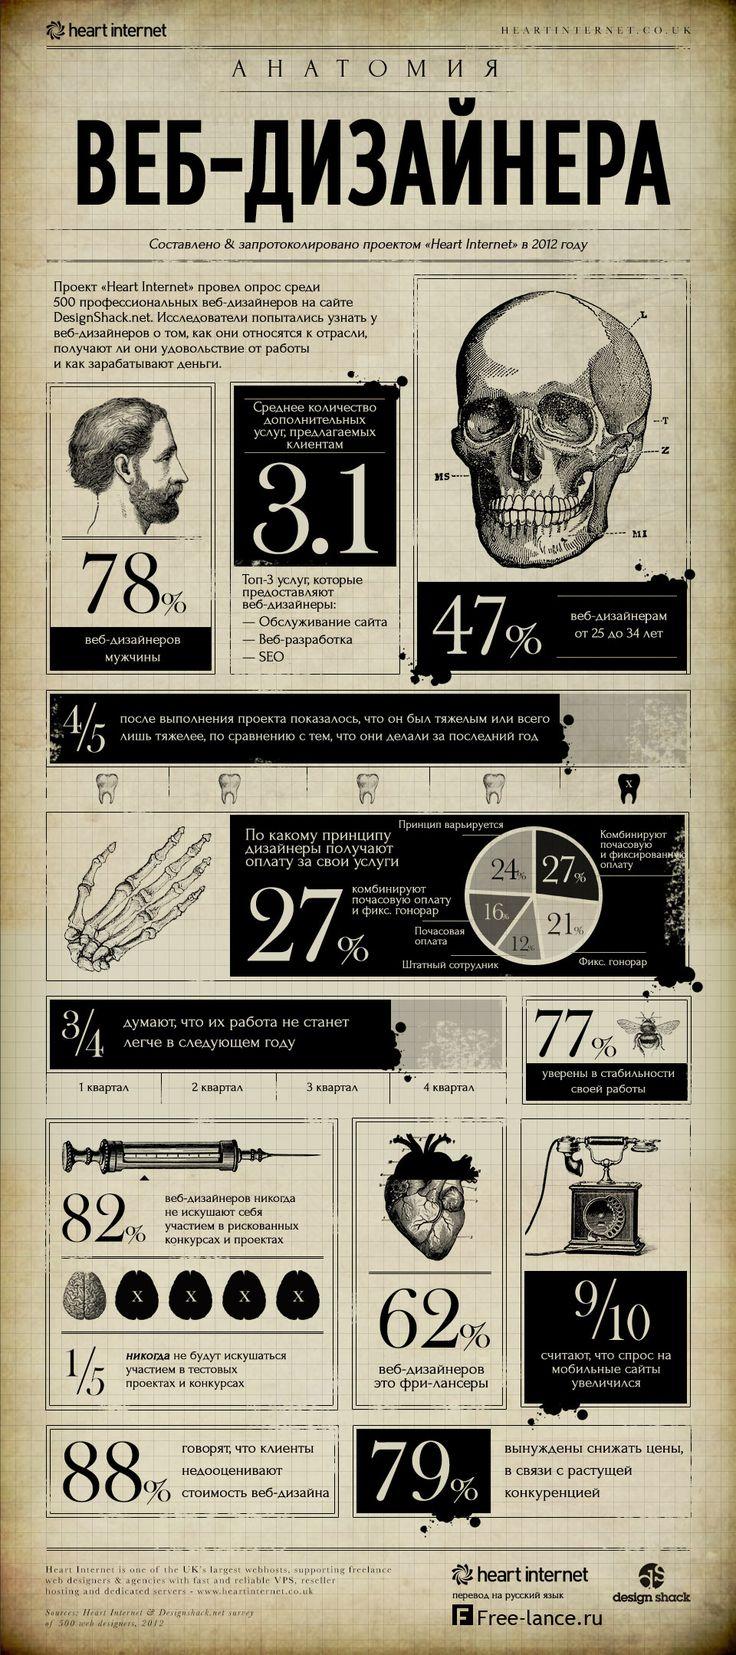 Проект «Heart Internet» провел опрос среди 500 профессиональных веб-дизайнеров.  Исследователи попытались узнать у веб-дизайнеров о том, как они относятся к отрасли, получают ли они удовольствие от работы и как зарабатывают деньги. Полученные данные превратились в большую и красивую инфографику, которую перевел Free-lance.ru.#инфографика